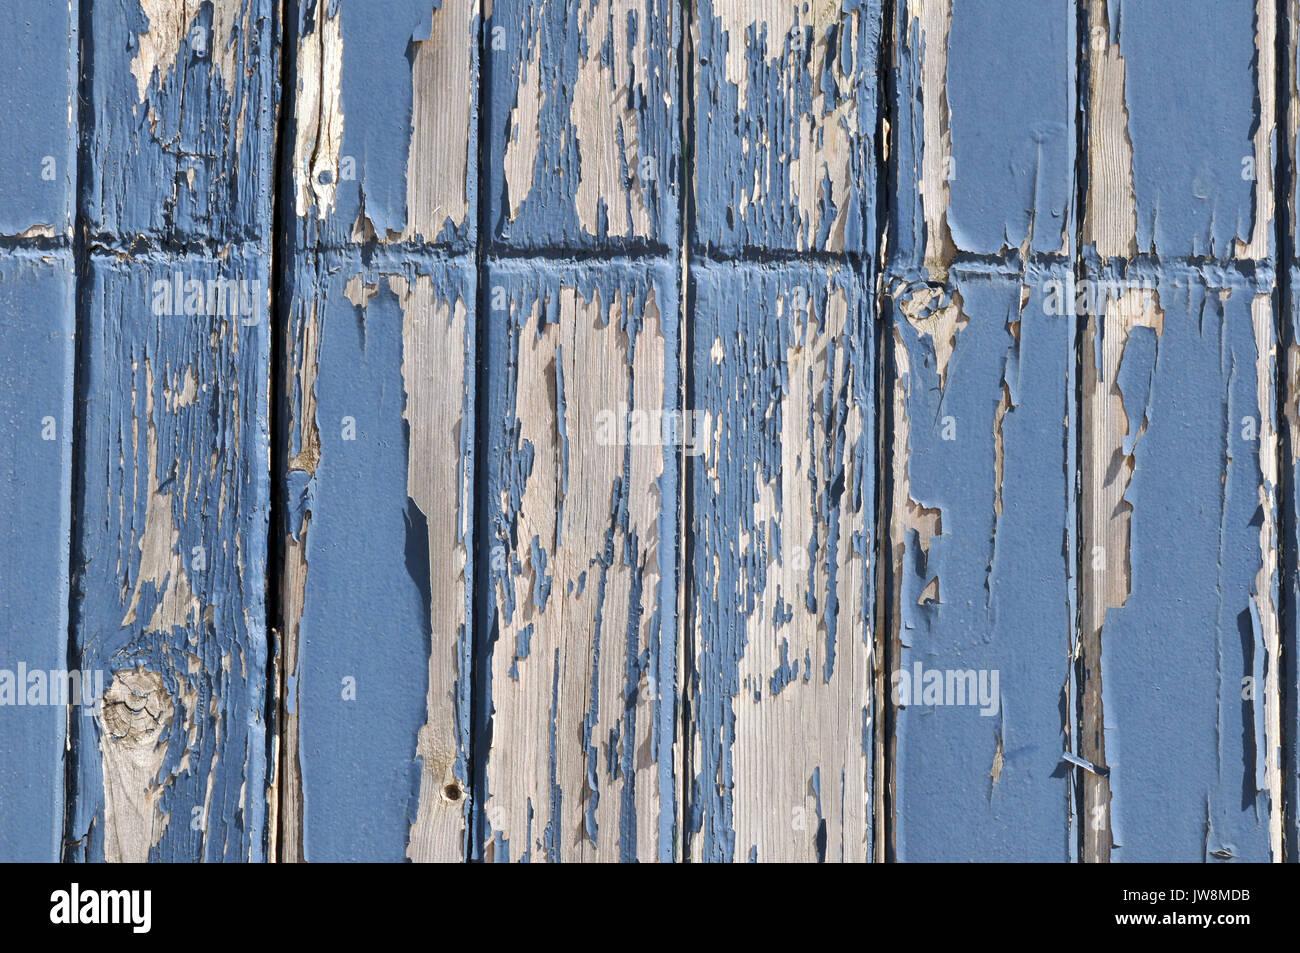 ein shabby chic bemalte holzplatte in einem pulver blau farbe